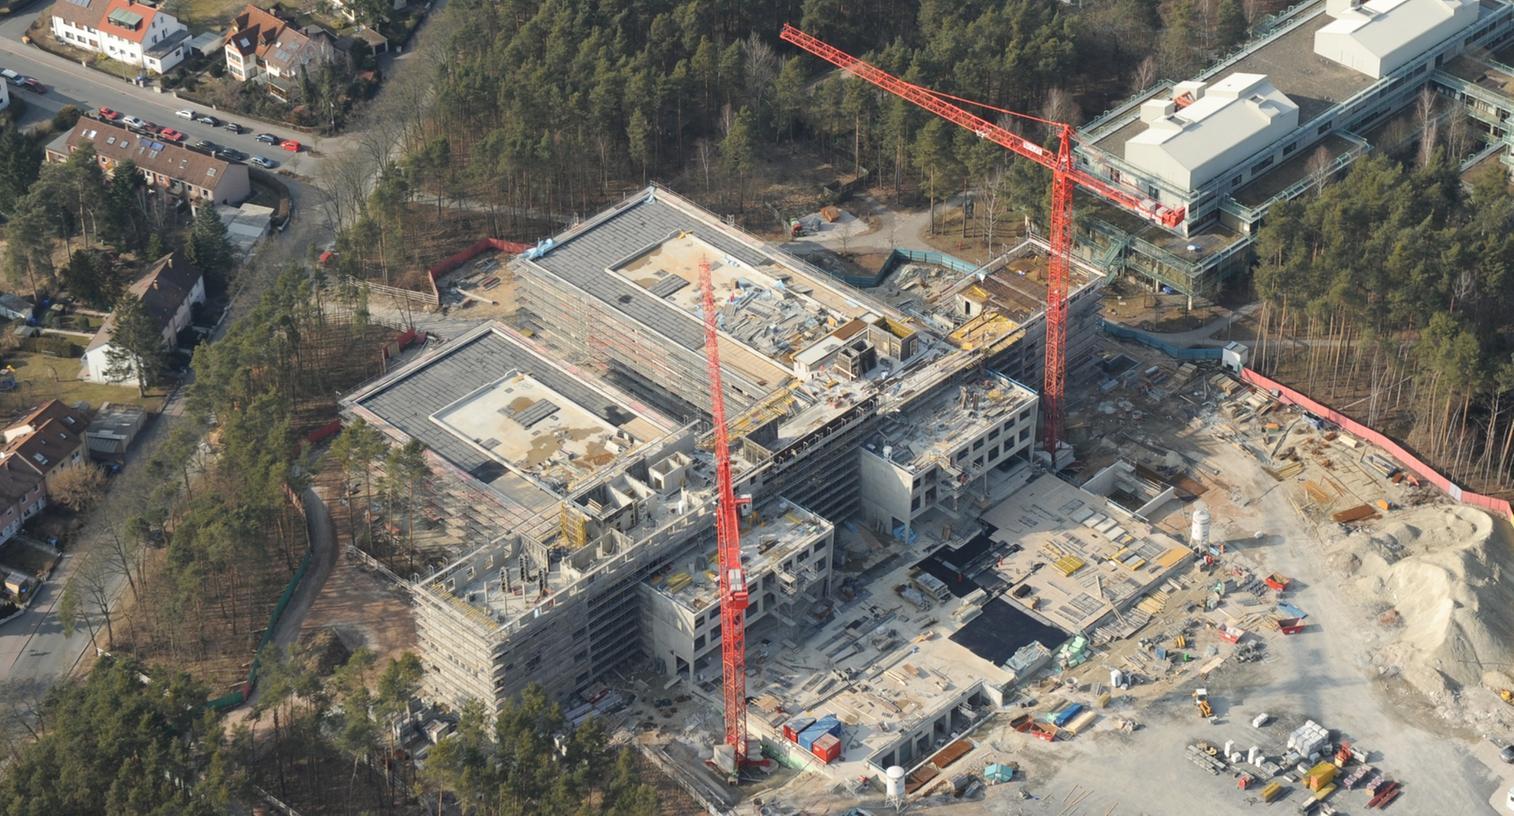 Auf diesem Bild befand sich das 2013 fertiggestellte Gebäude auf dem Erlanger Südgelände der Friedrich-Alexander-Universität noch im Bau.